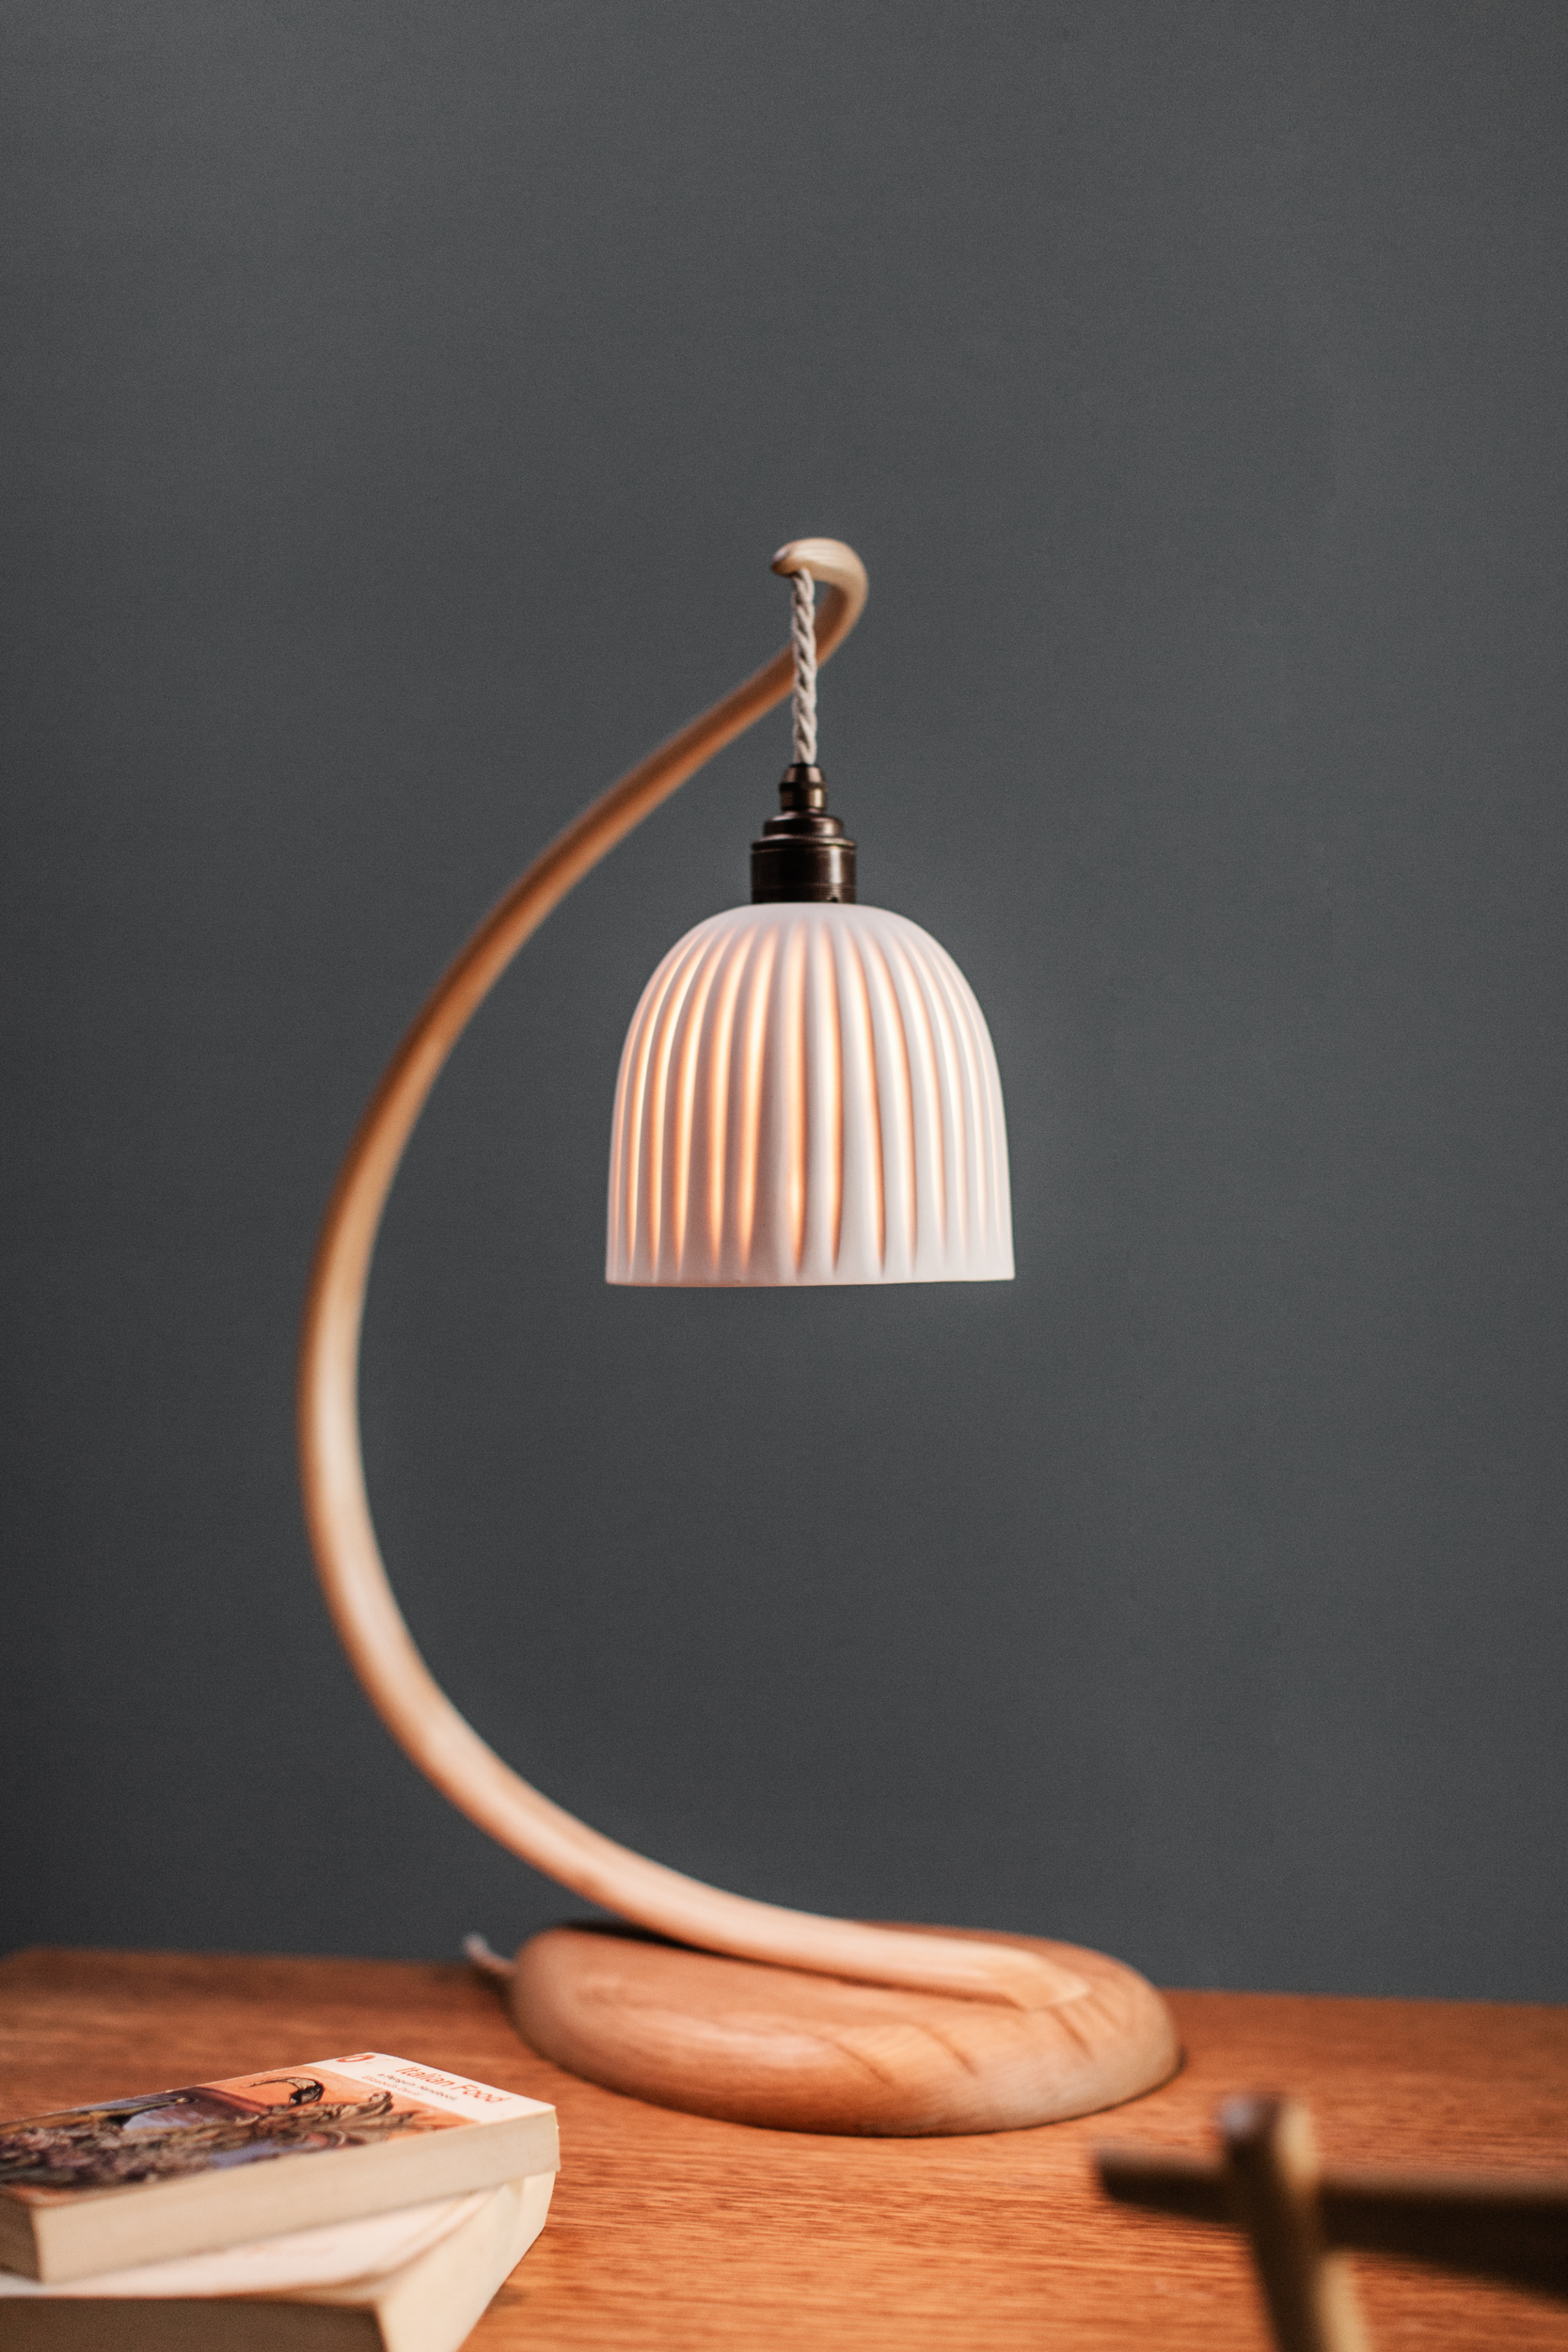 Snail light-6-6WEB SIZE.jpg